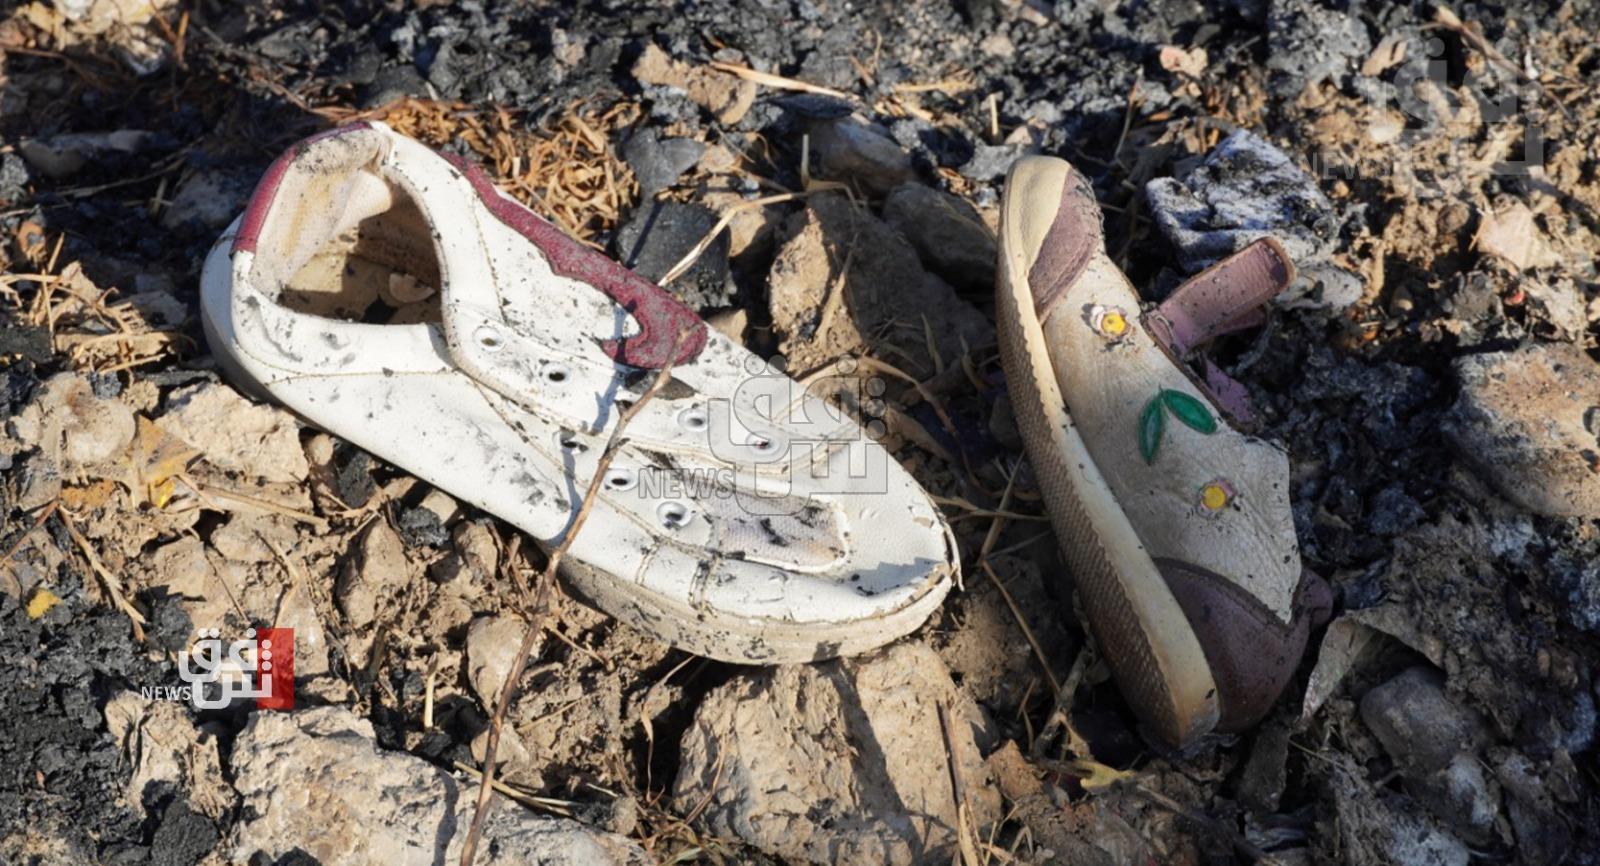 نازحون يروون تفاصيل مرعبة لحريق أودى بحياة طفل بالسليمانية